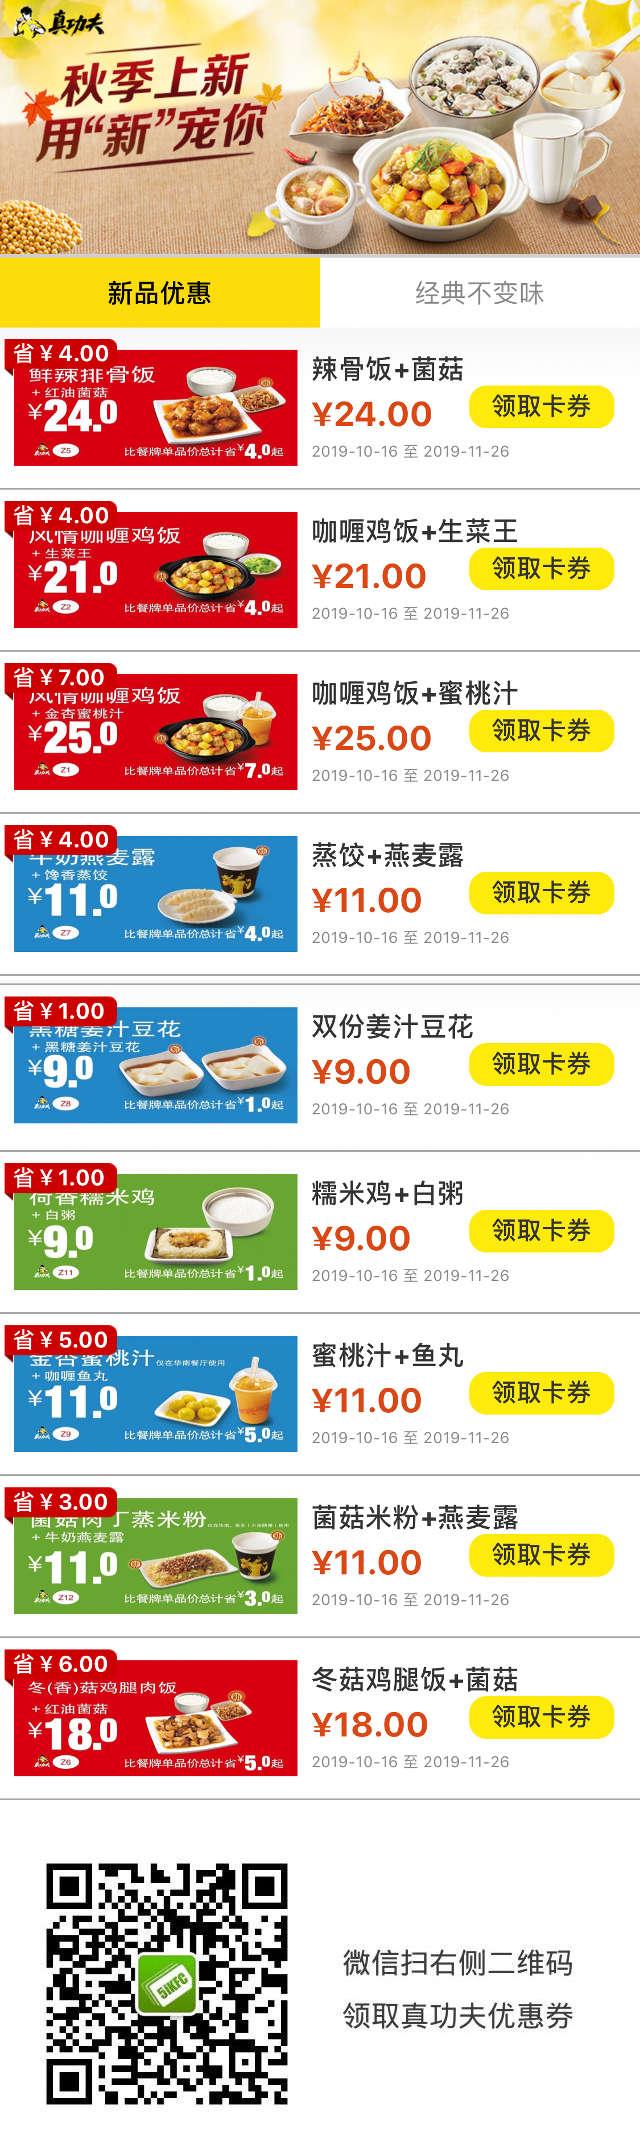 真功夫2019年10月11月优惠券卡券,米饭套餐优惠价21元起 有效期至:2019年11月26日 www.5ikfc.com